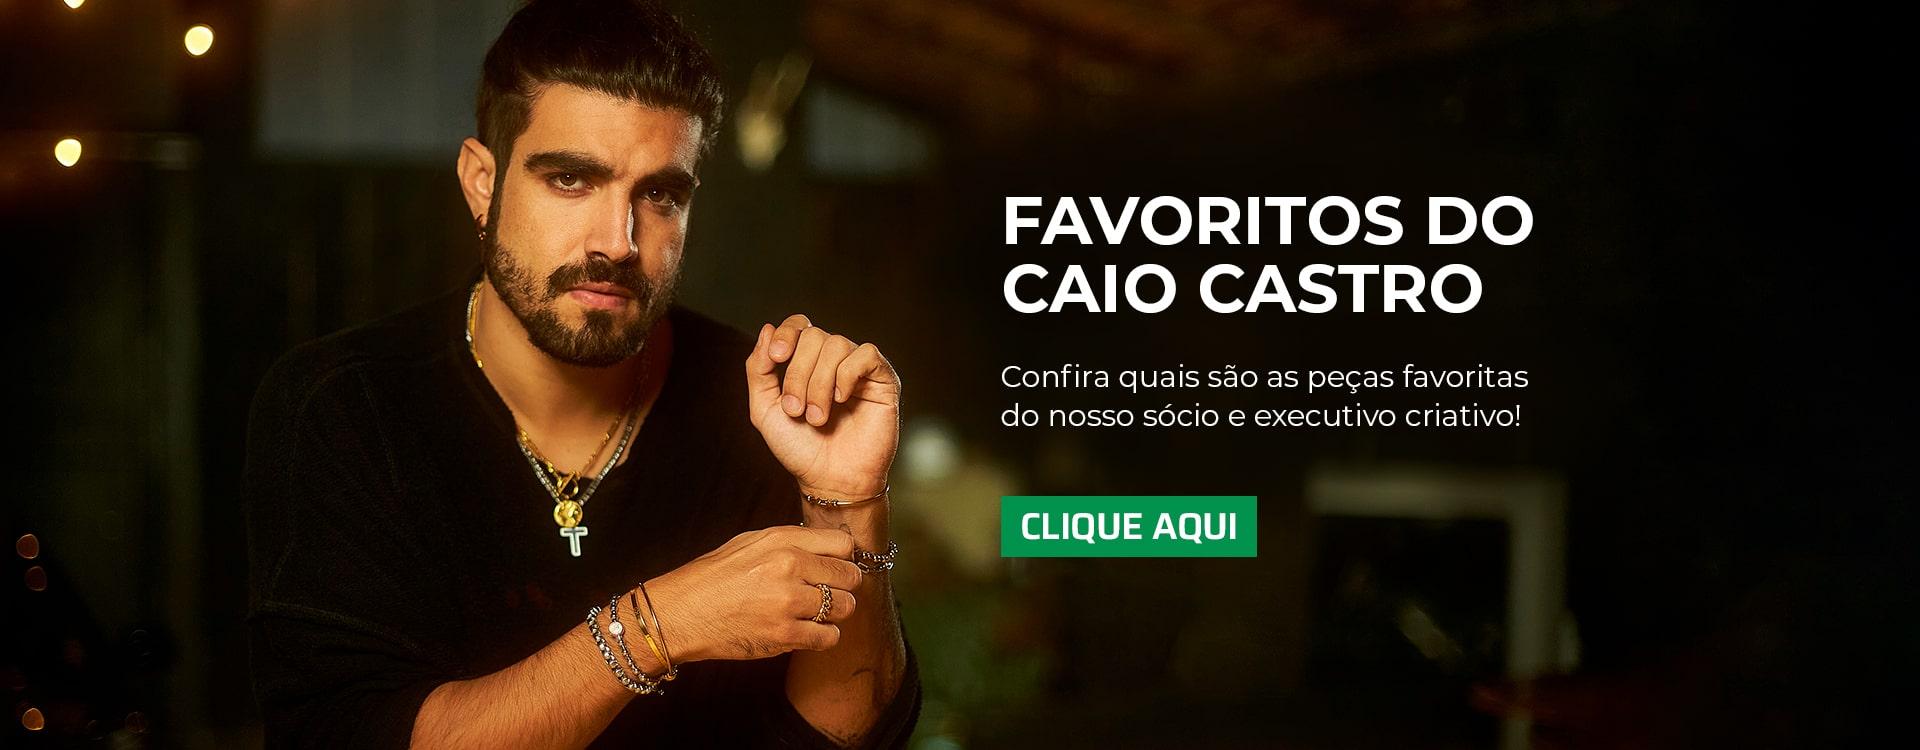 Fav Caio